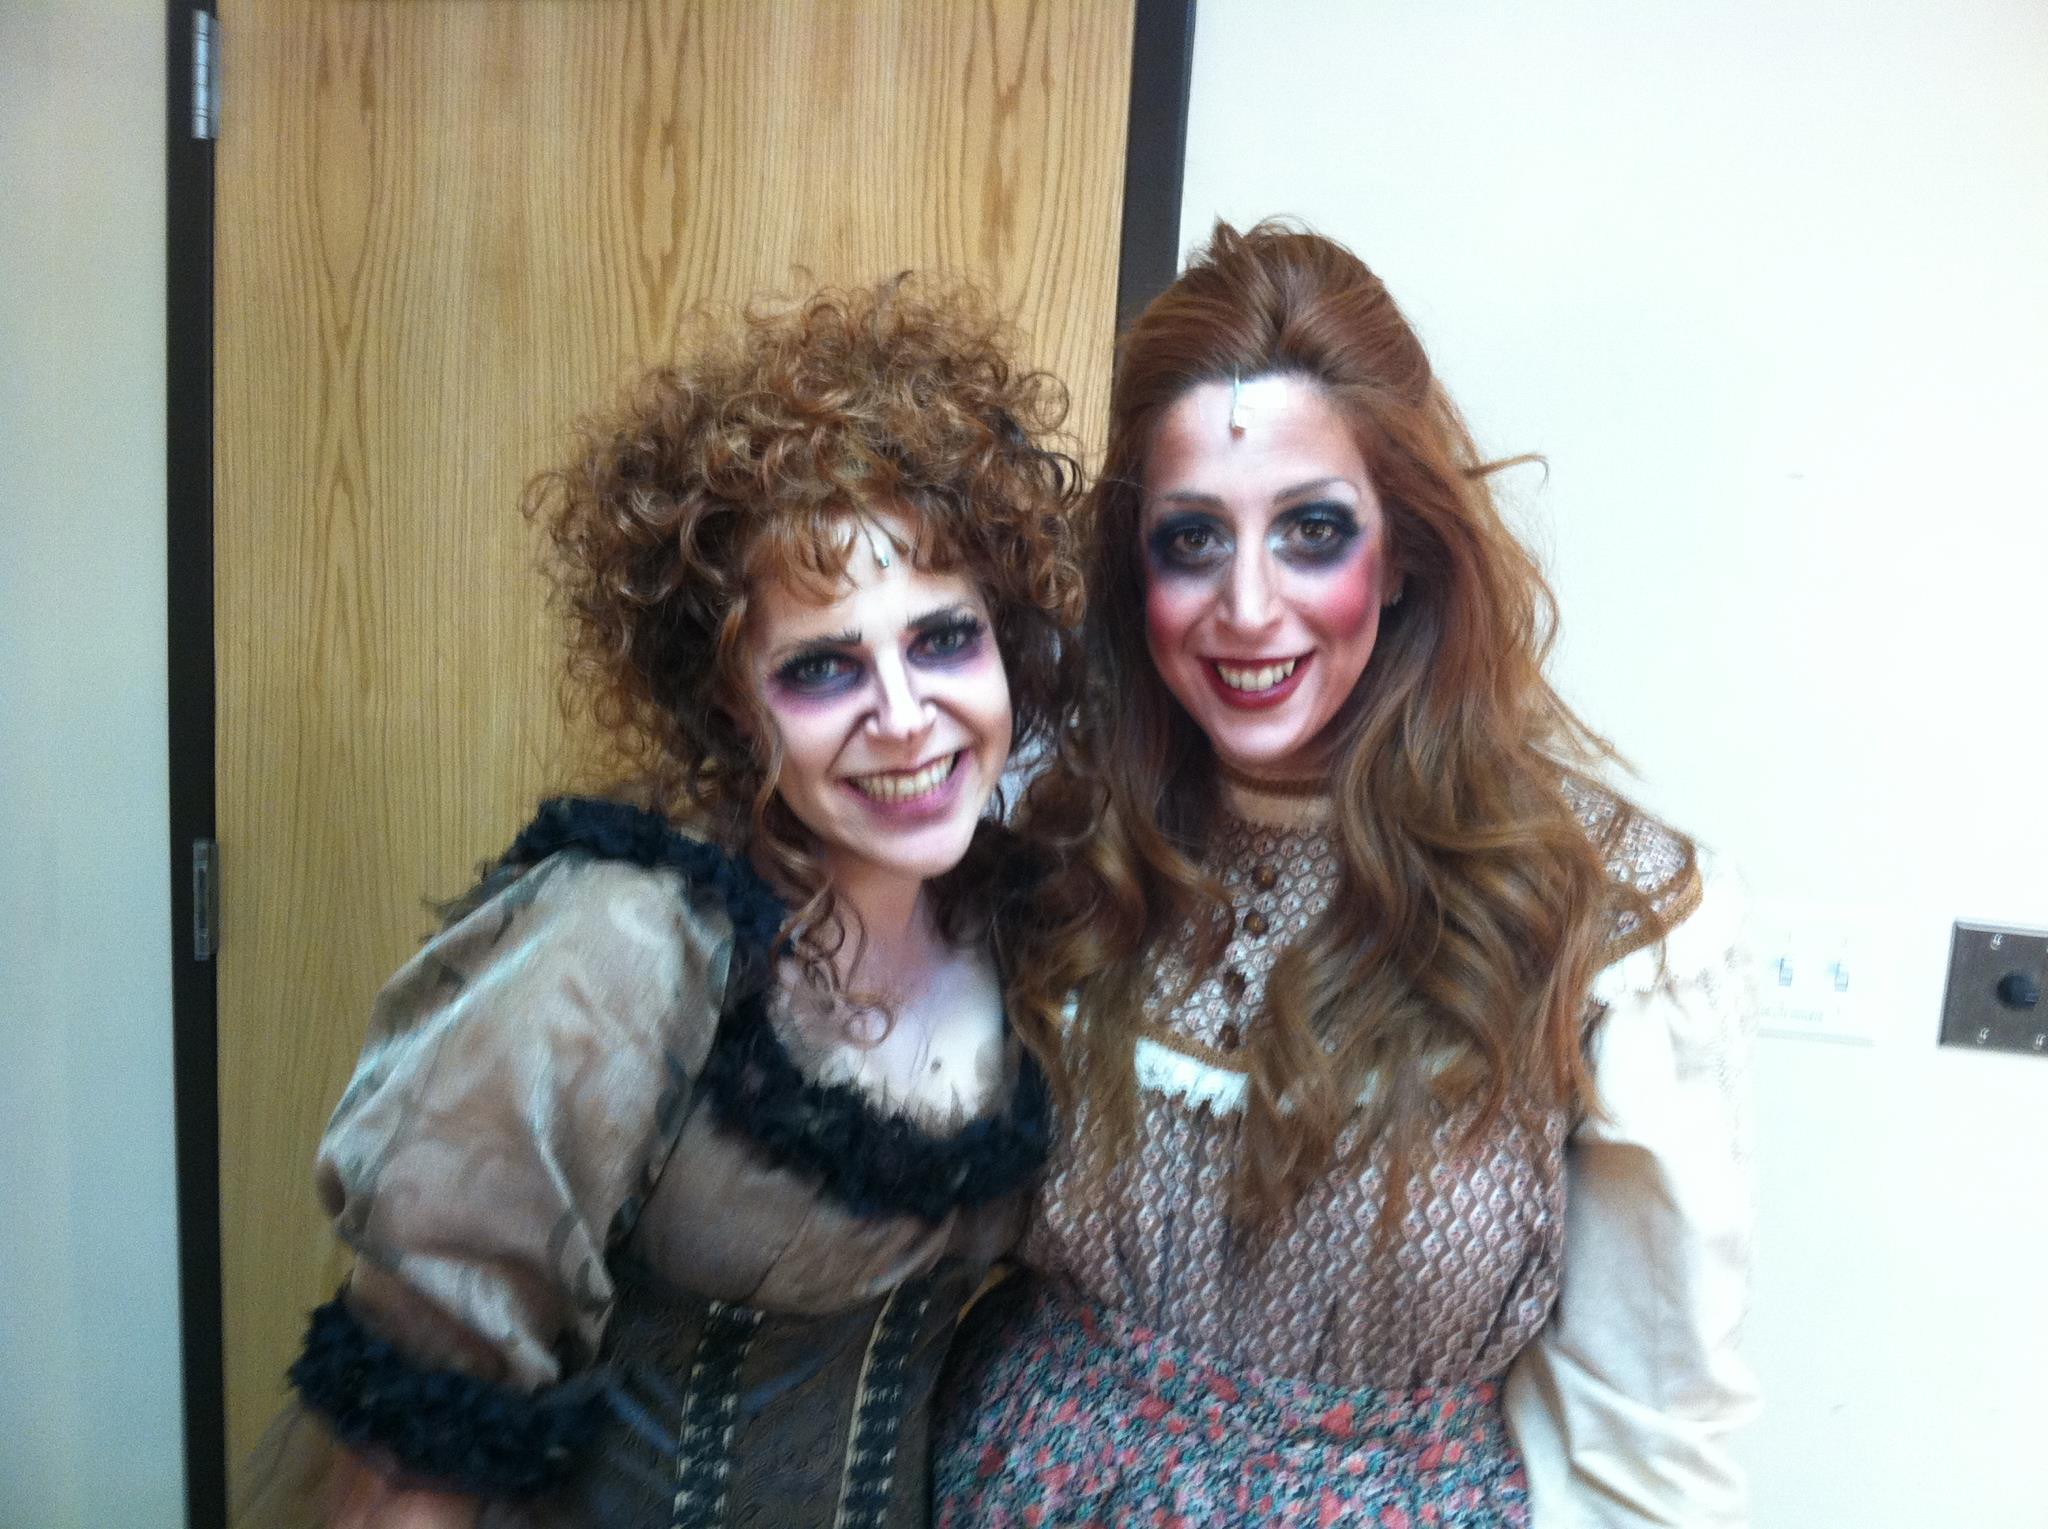 Sweeney Todd - Moonlight Theatre